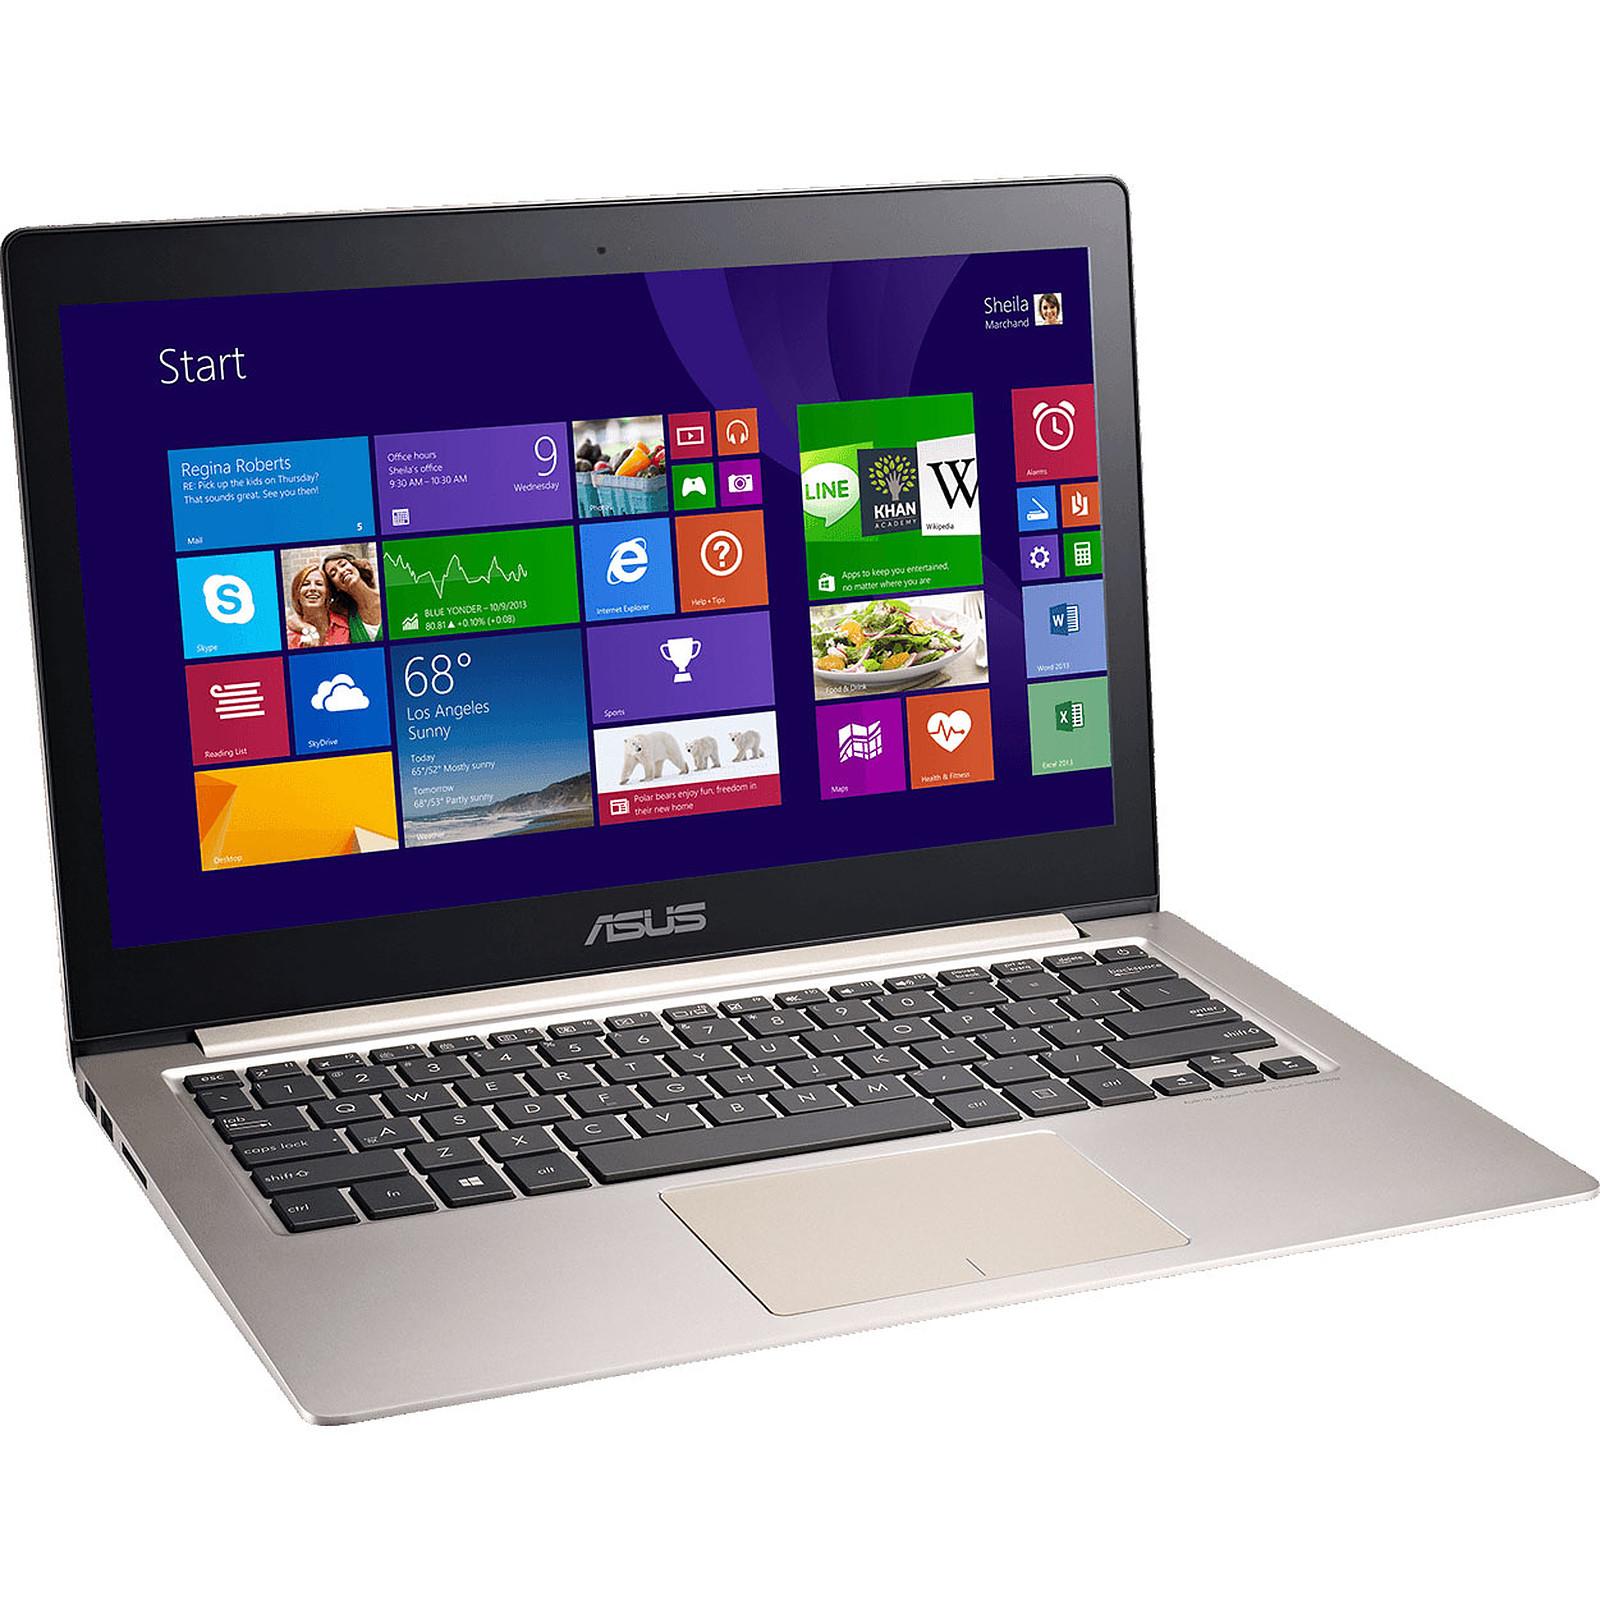 ASUS Zenbook UX303LN-R4200H